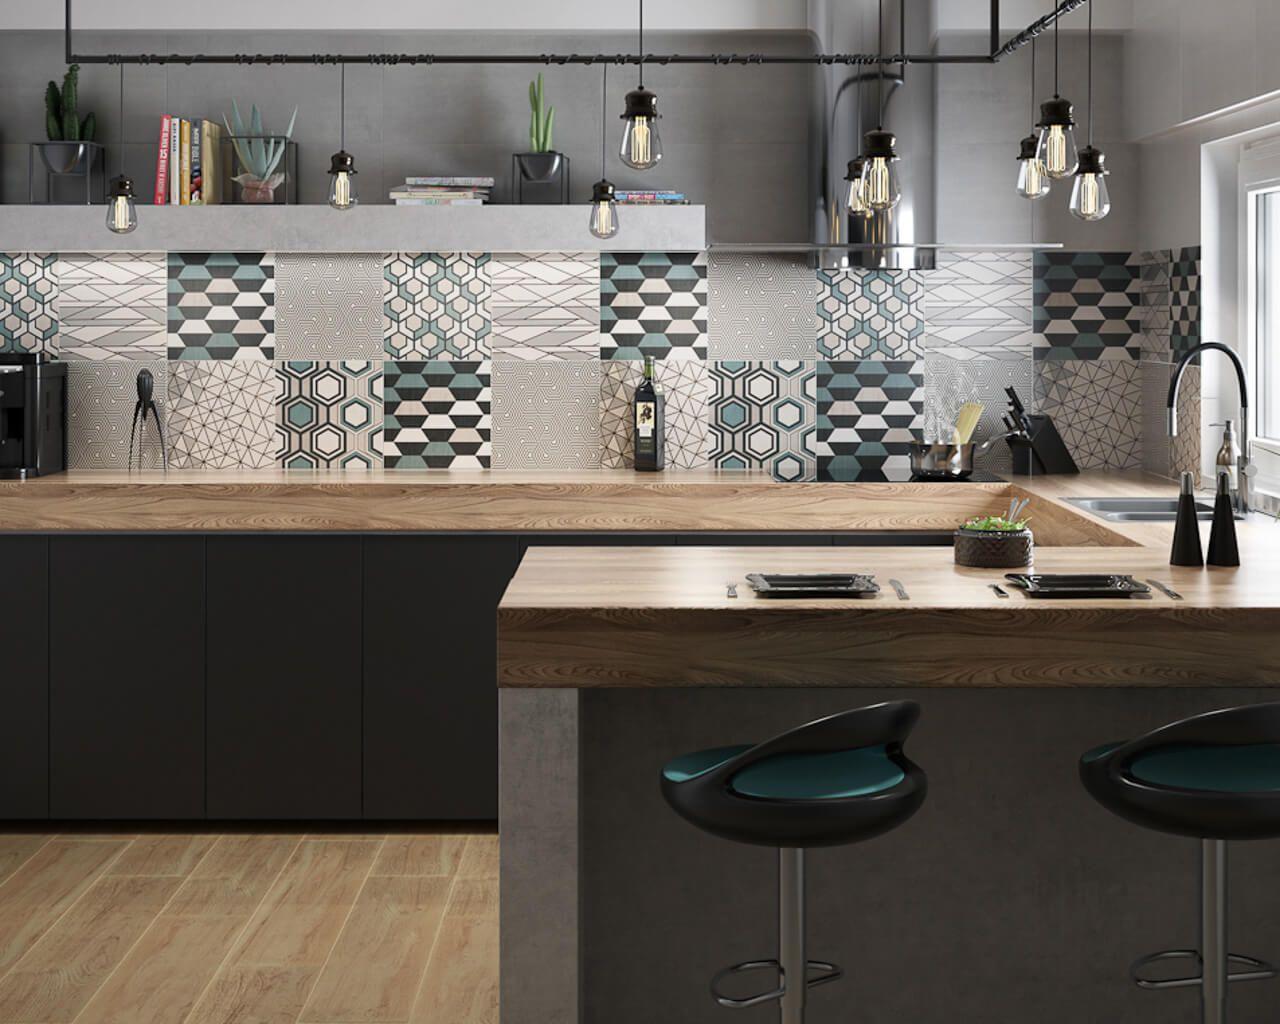 aranzacja-kuchni-w-stylu-nowoczesnym-orrios-orrion-ceramika-paradyz